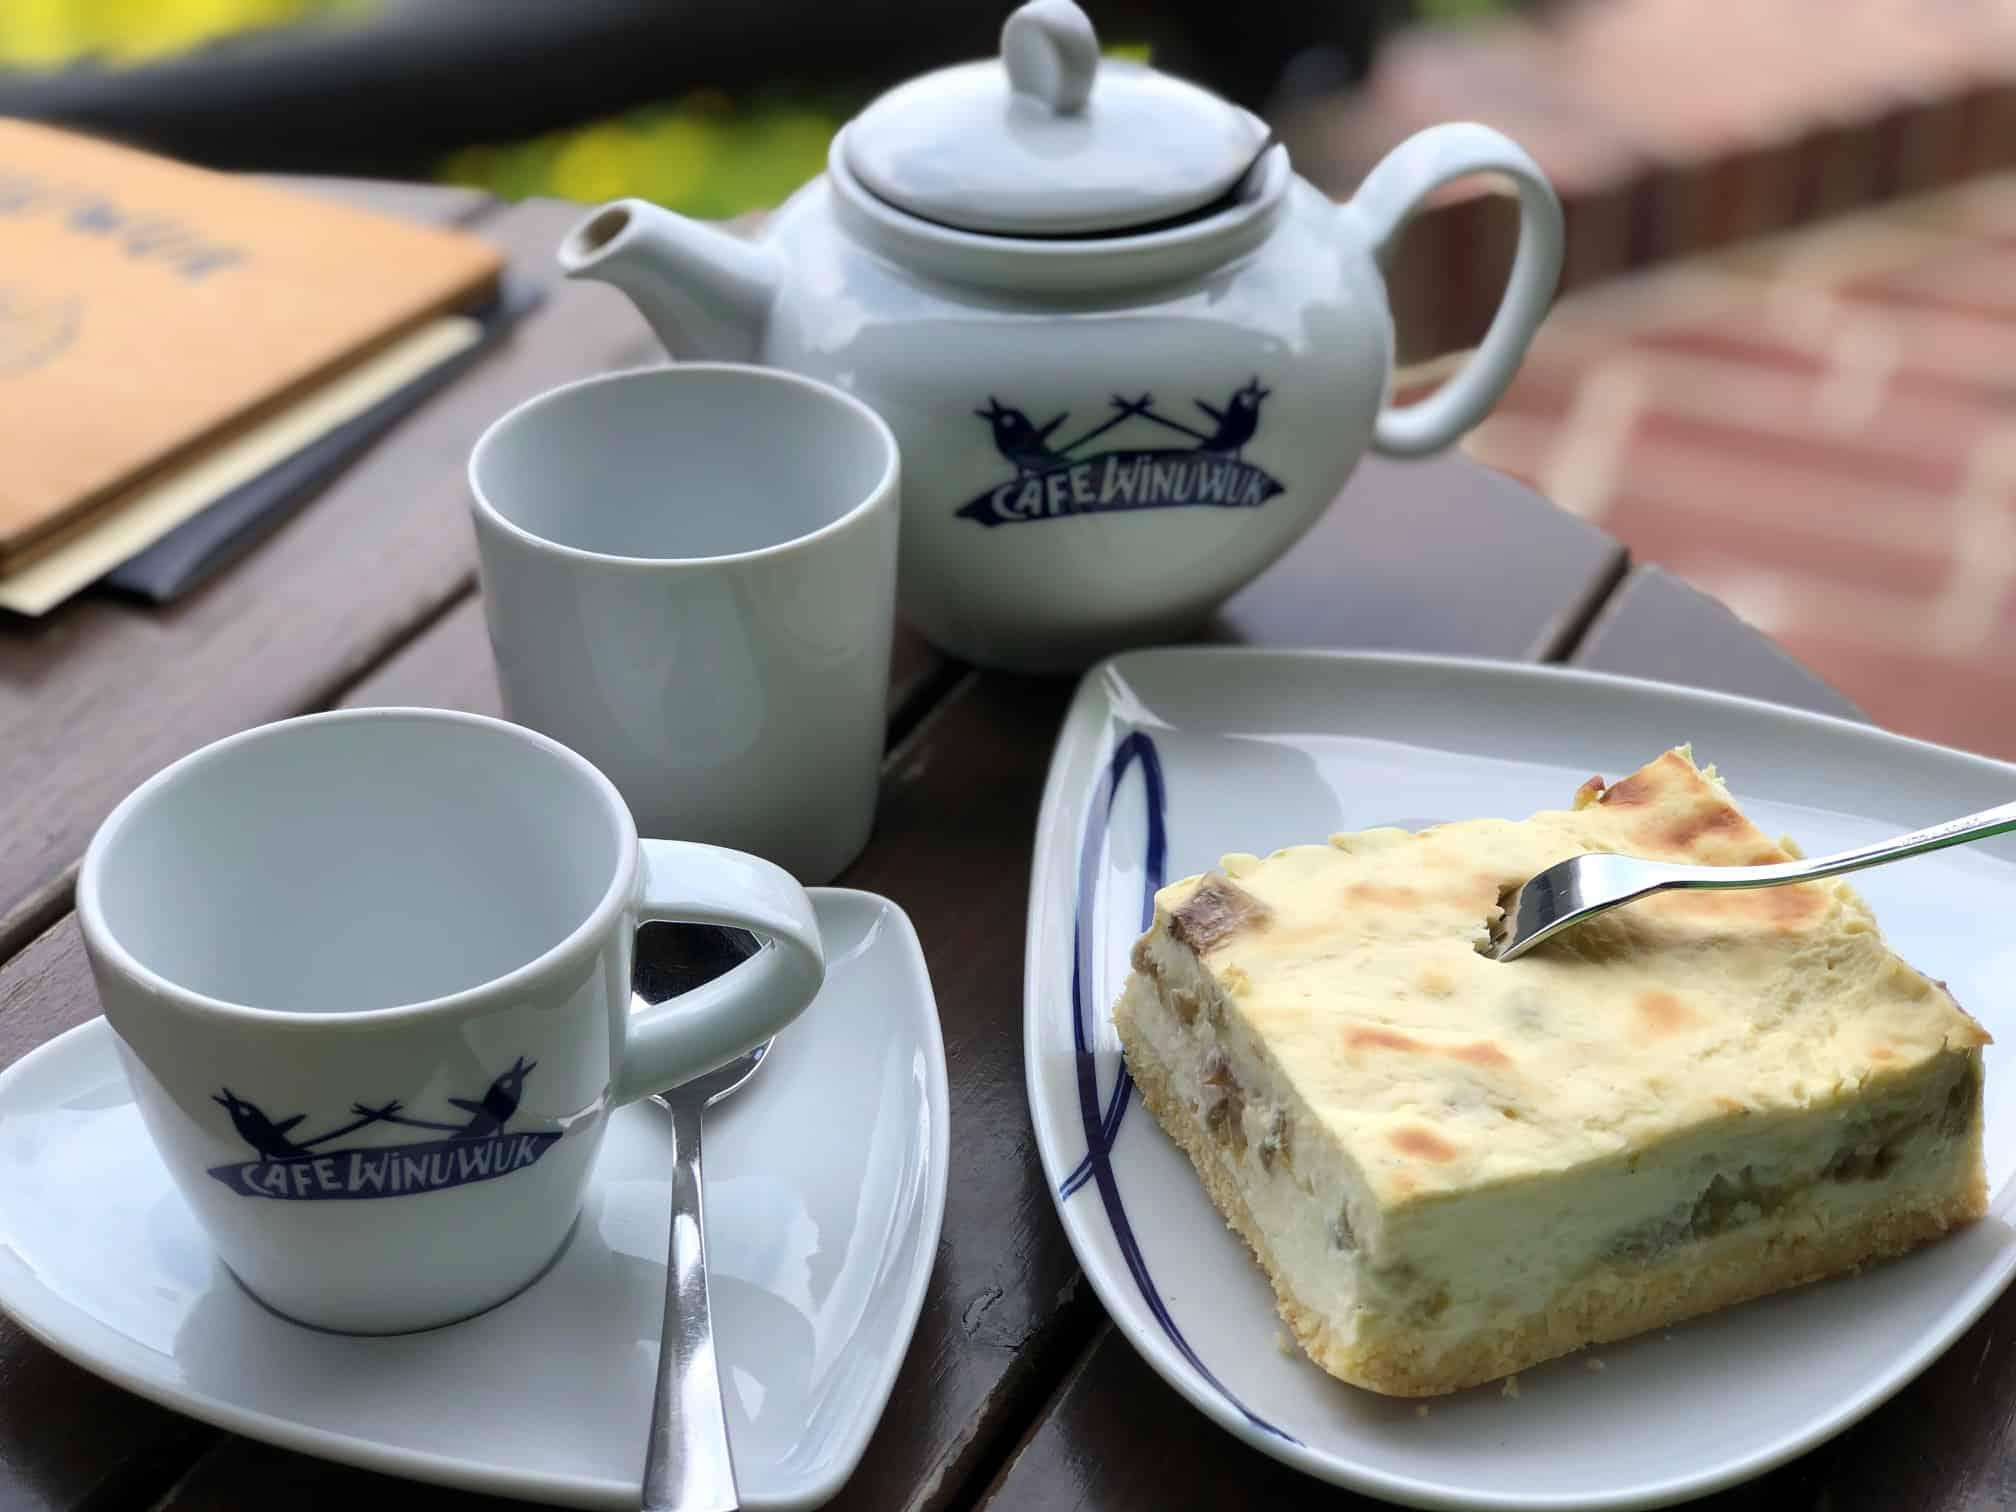 Gedeck Café winuwuk